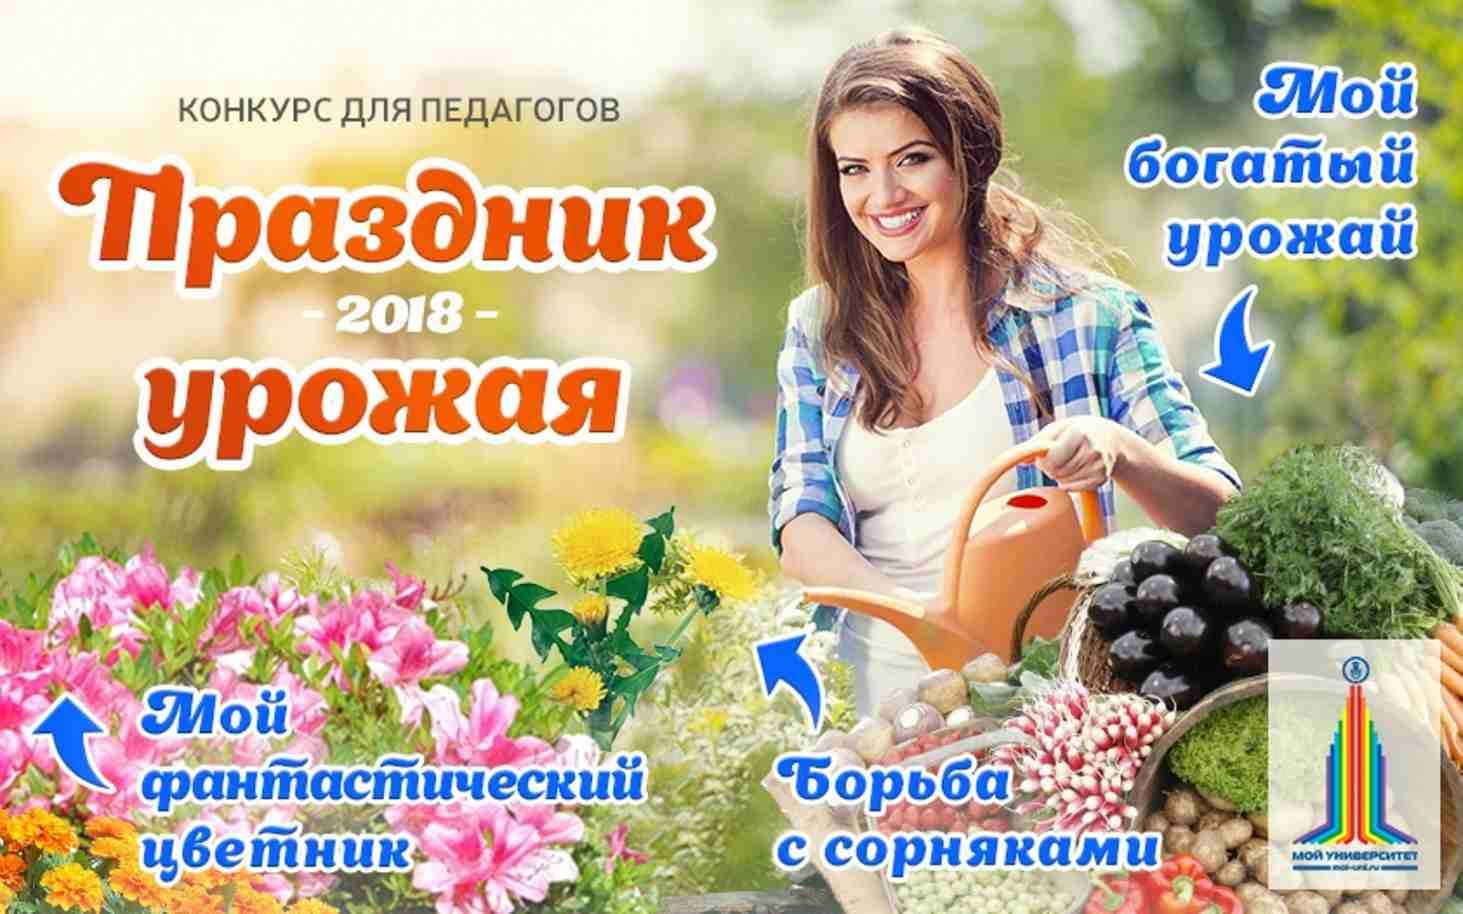 moj-universitet-obyavil-o-starte-konkursa-dlya-pedagogov-dachnikov-prazdnik-urozhaya-2018